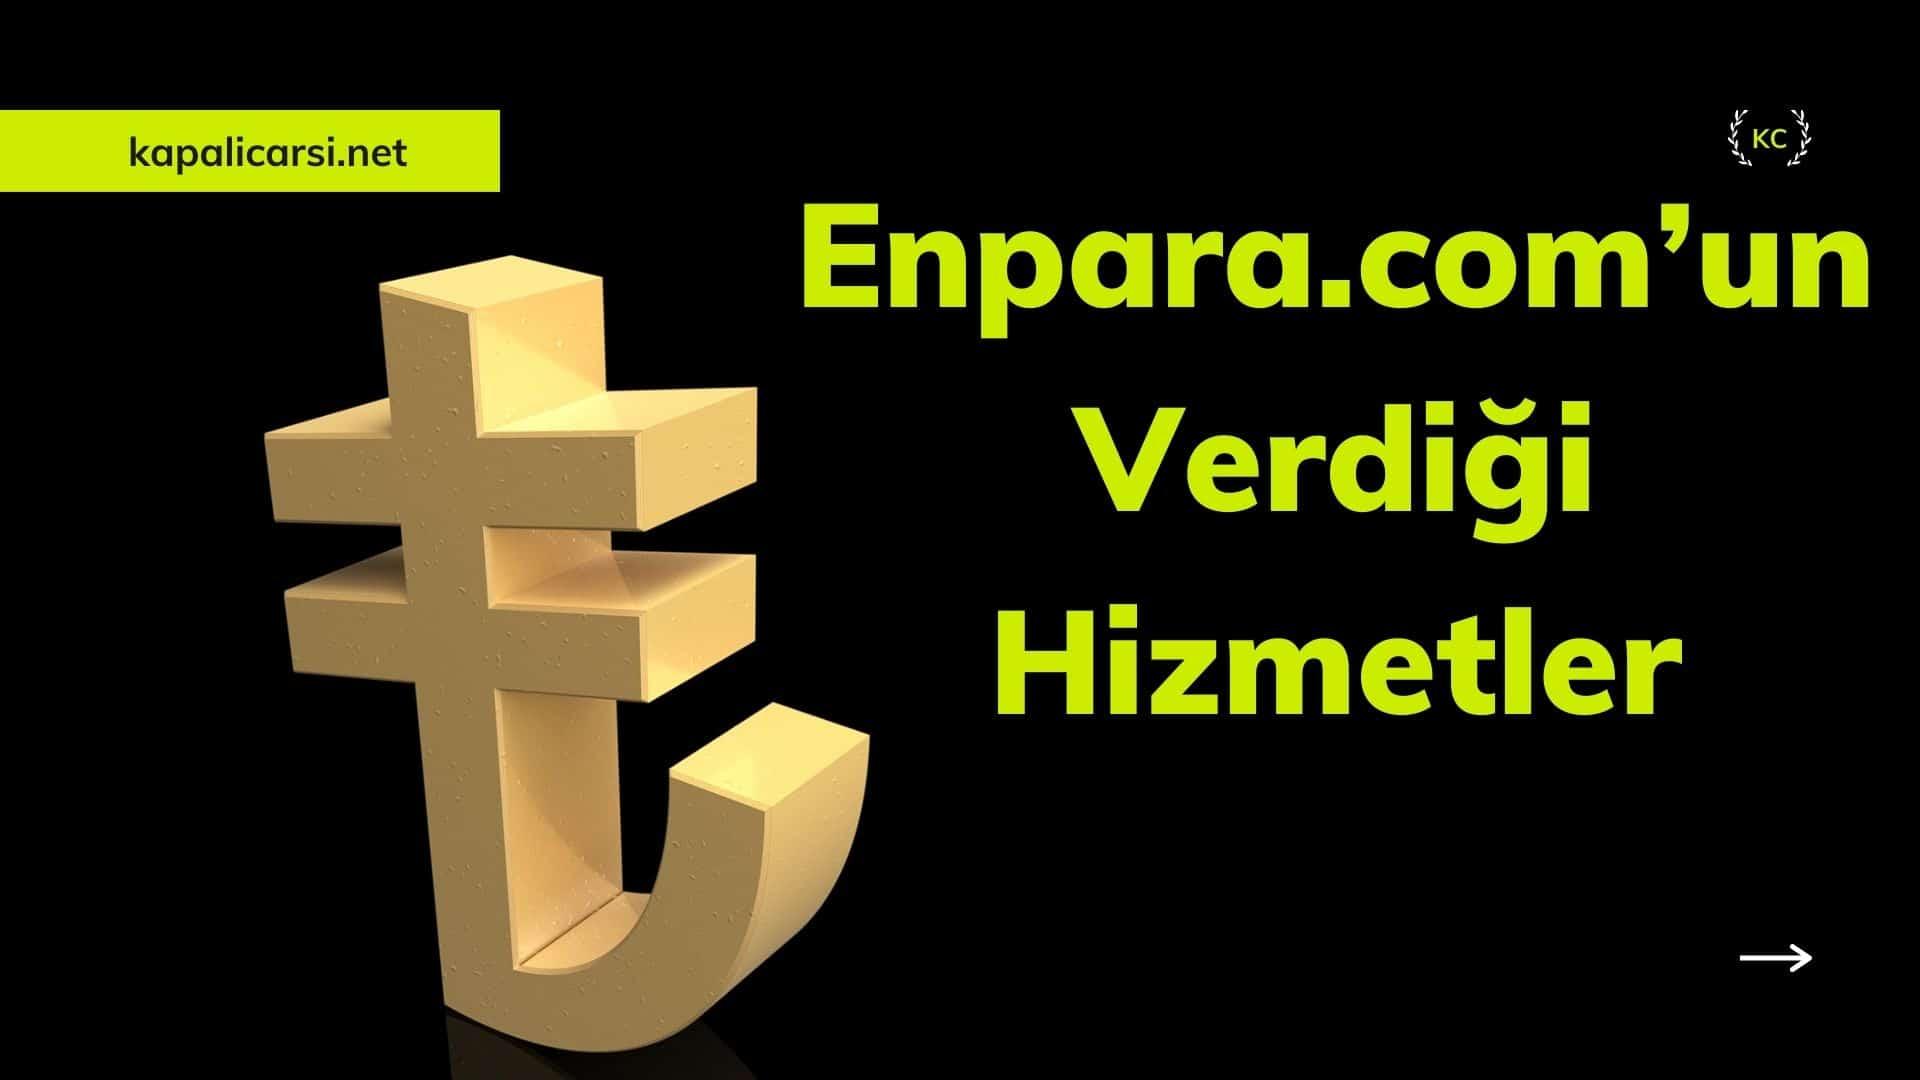 Enpara.com'un Verdiği Hizmetler